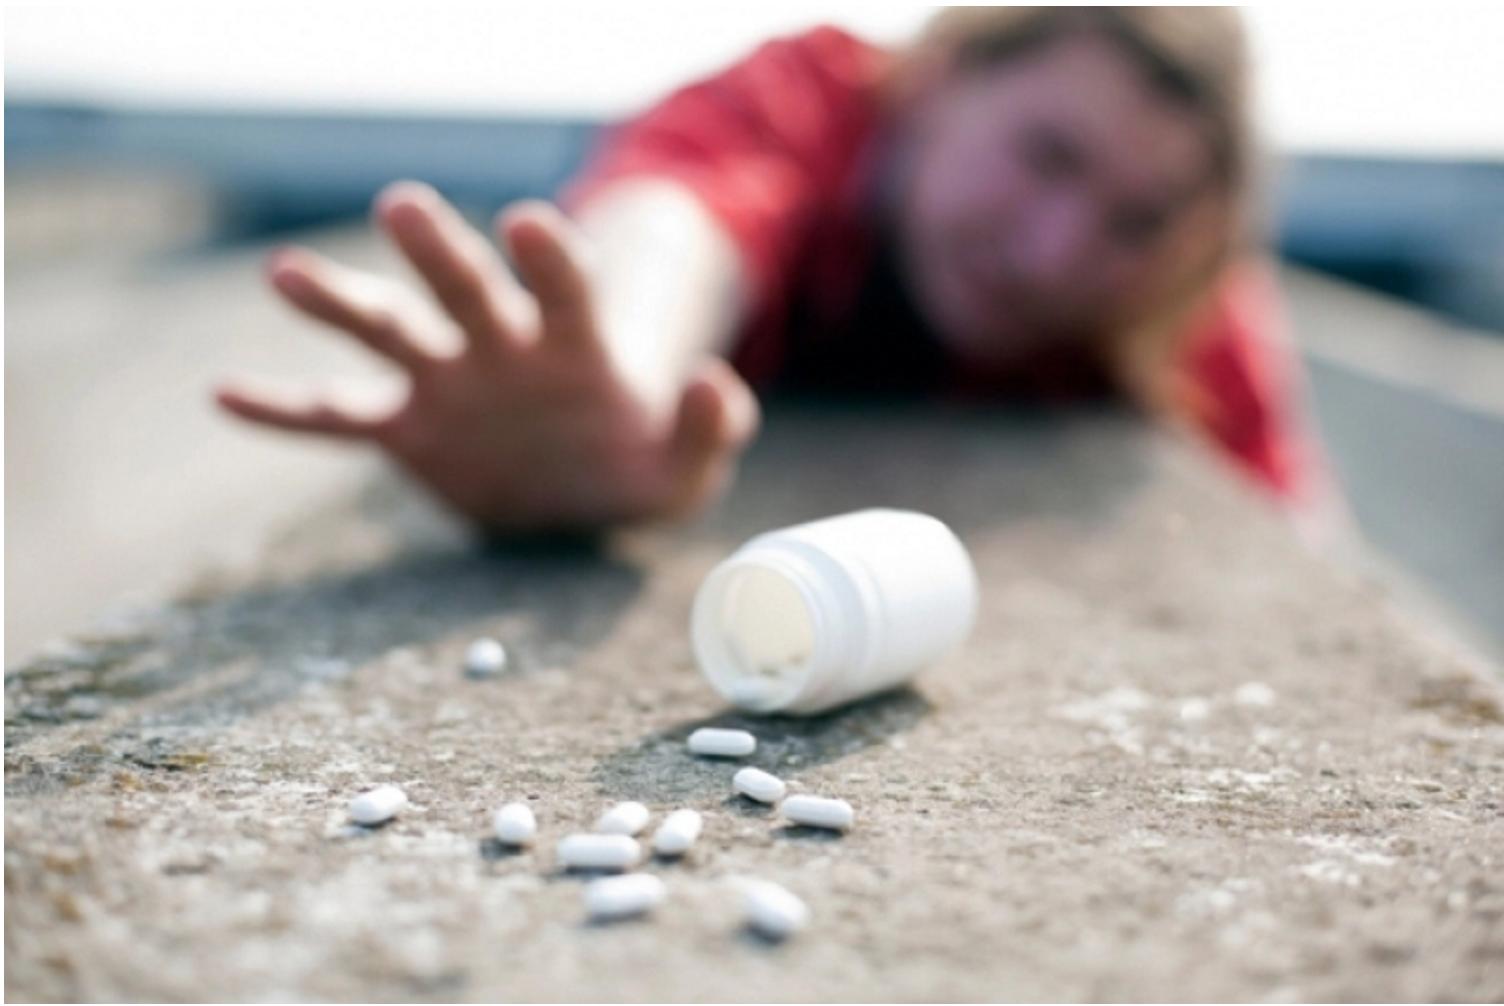 Почему возникает и как избавится от наркозависимости